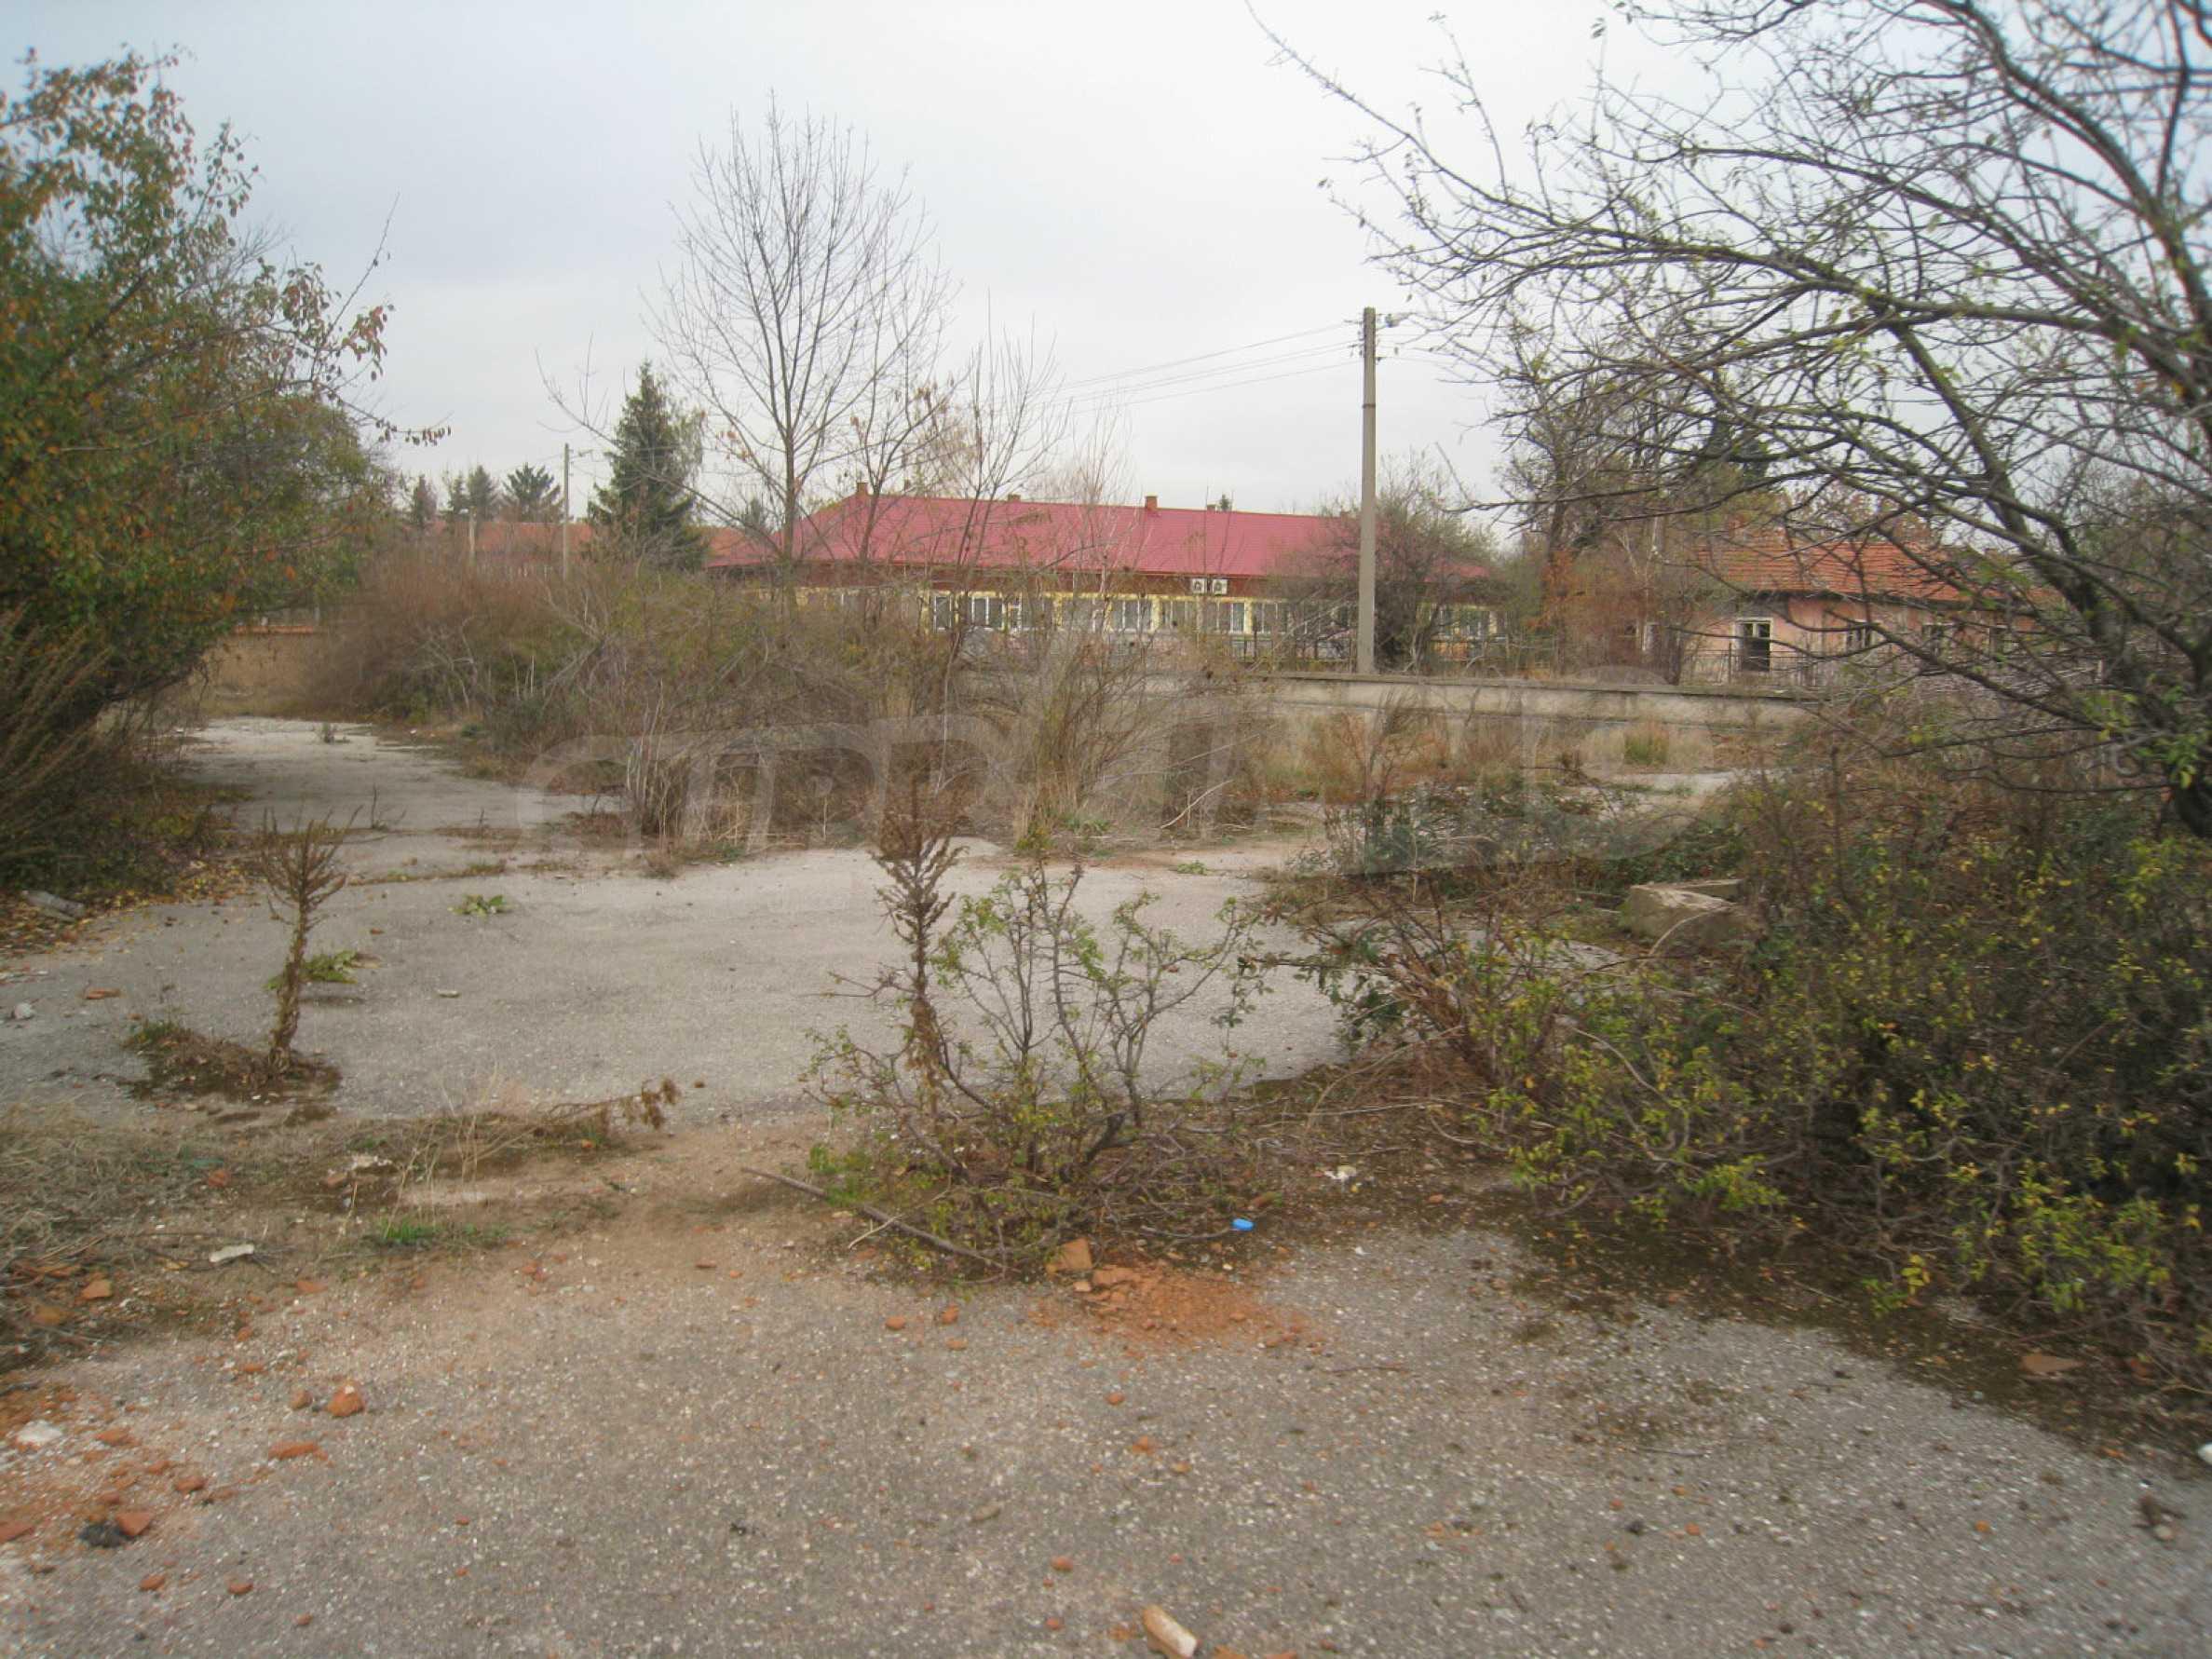 Solides dreistöckiges Gebäude (ehemalige Mühle) mit Hof in der Nähe von Elin Pelin 27